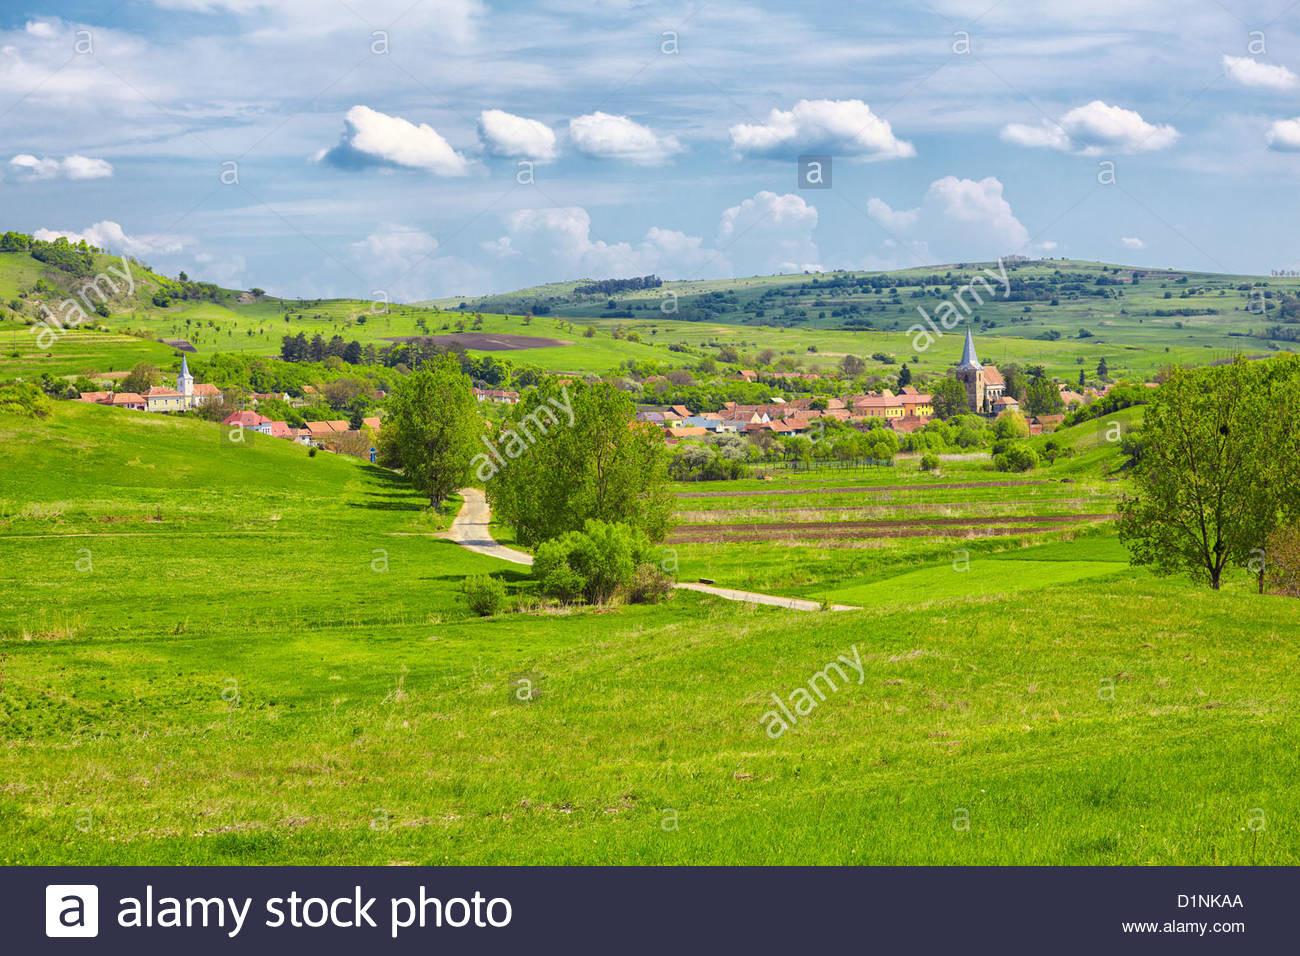 Landschaft In Rumänien  Landschaft in der siebenbürgischen Landschaft in das Dorf